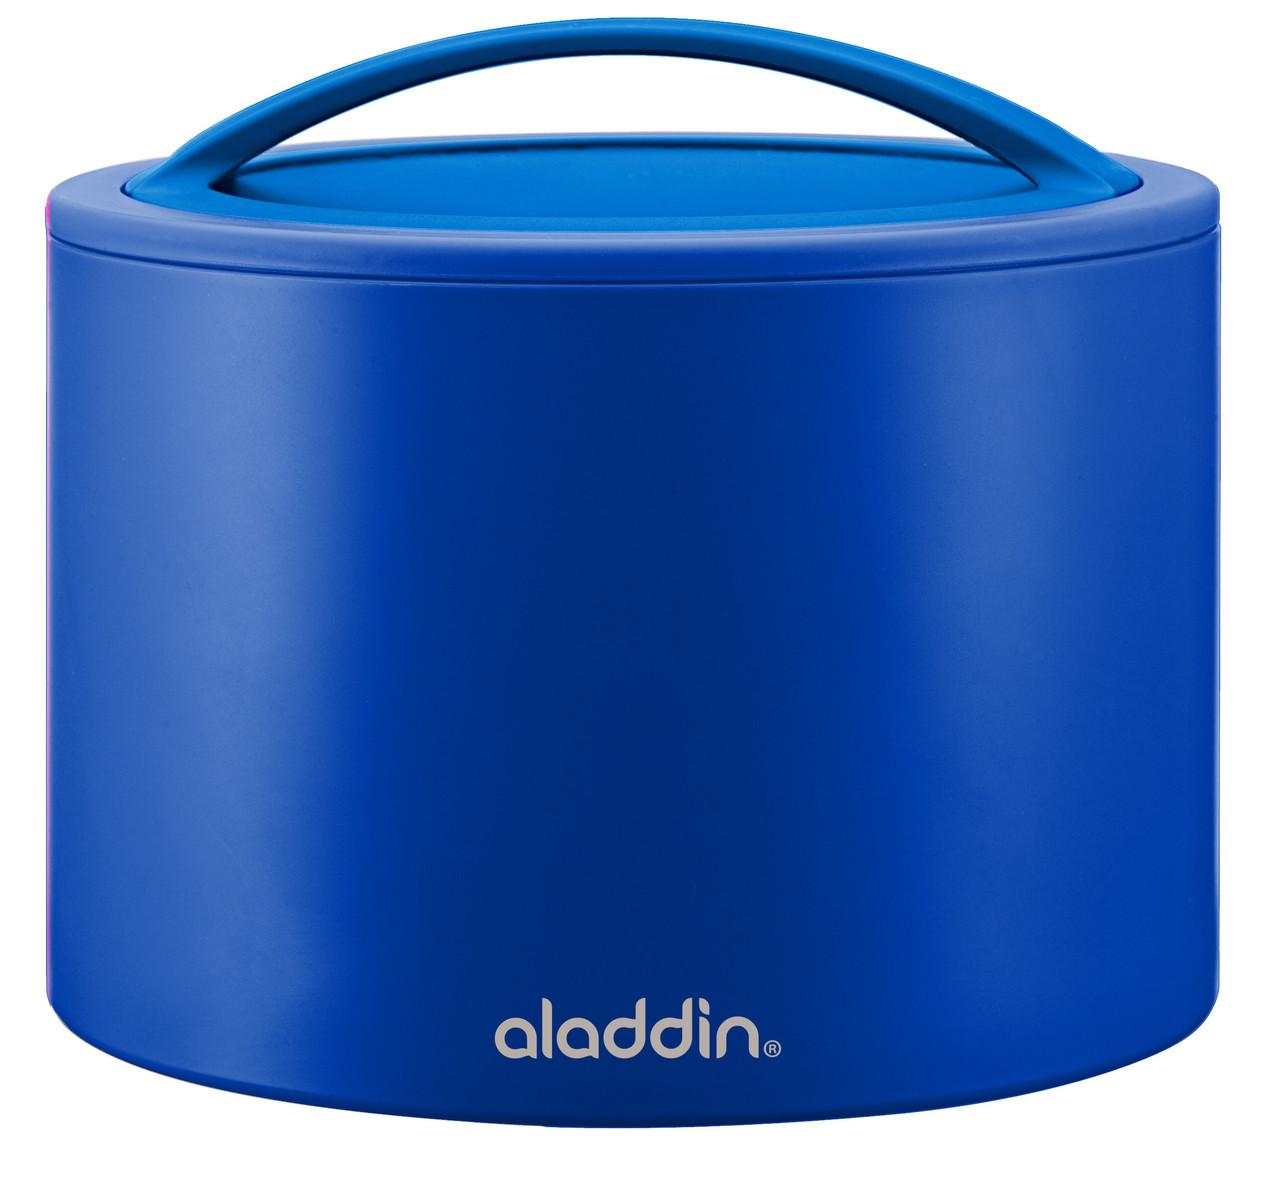 Ланч-бокс Aladdin Bento 0,6 л, синий